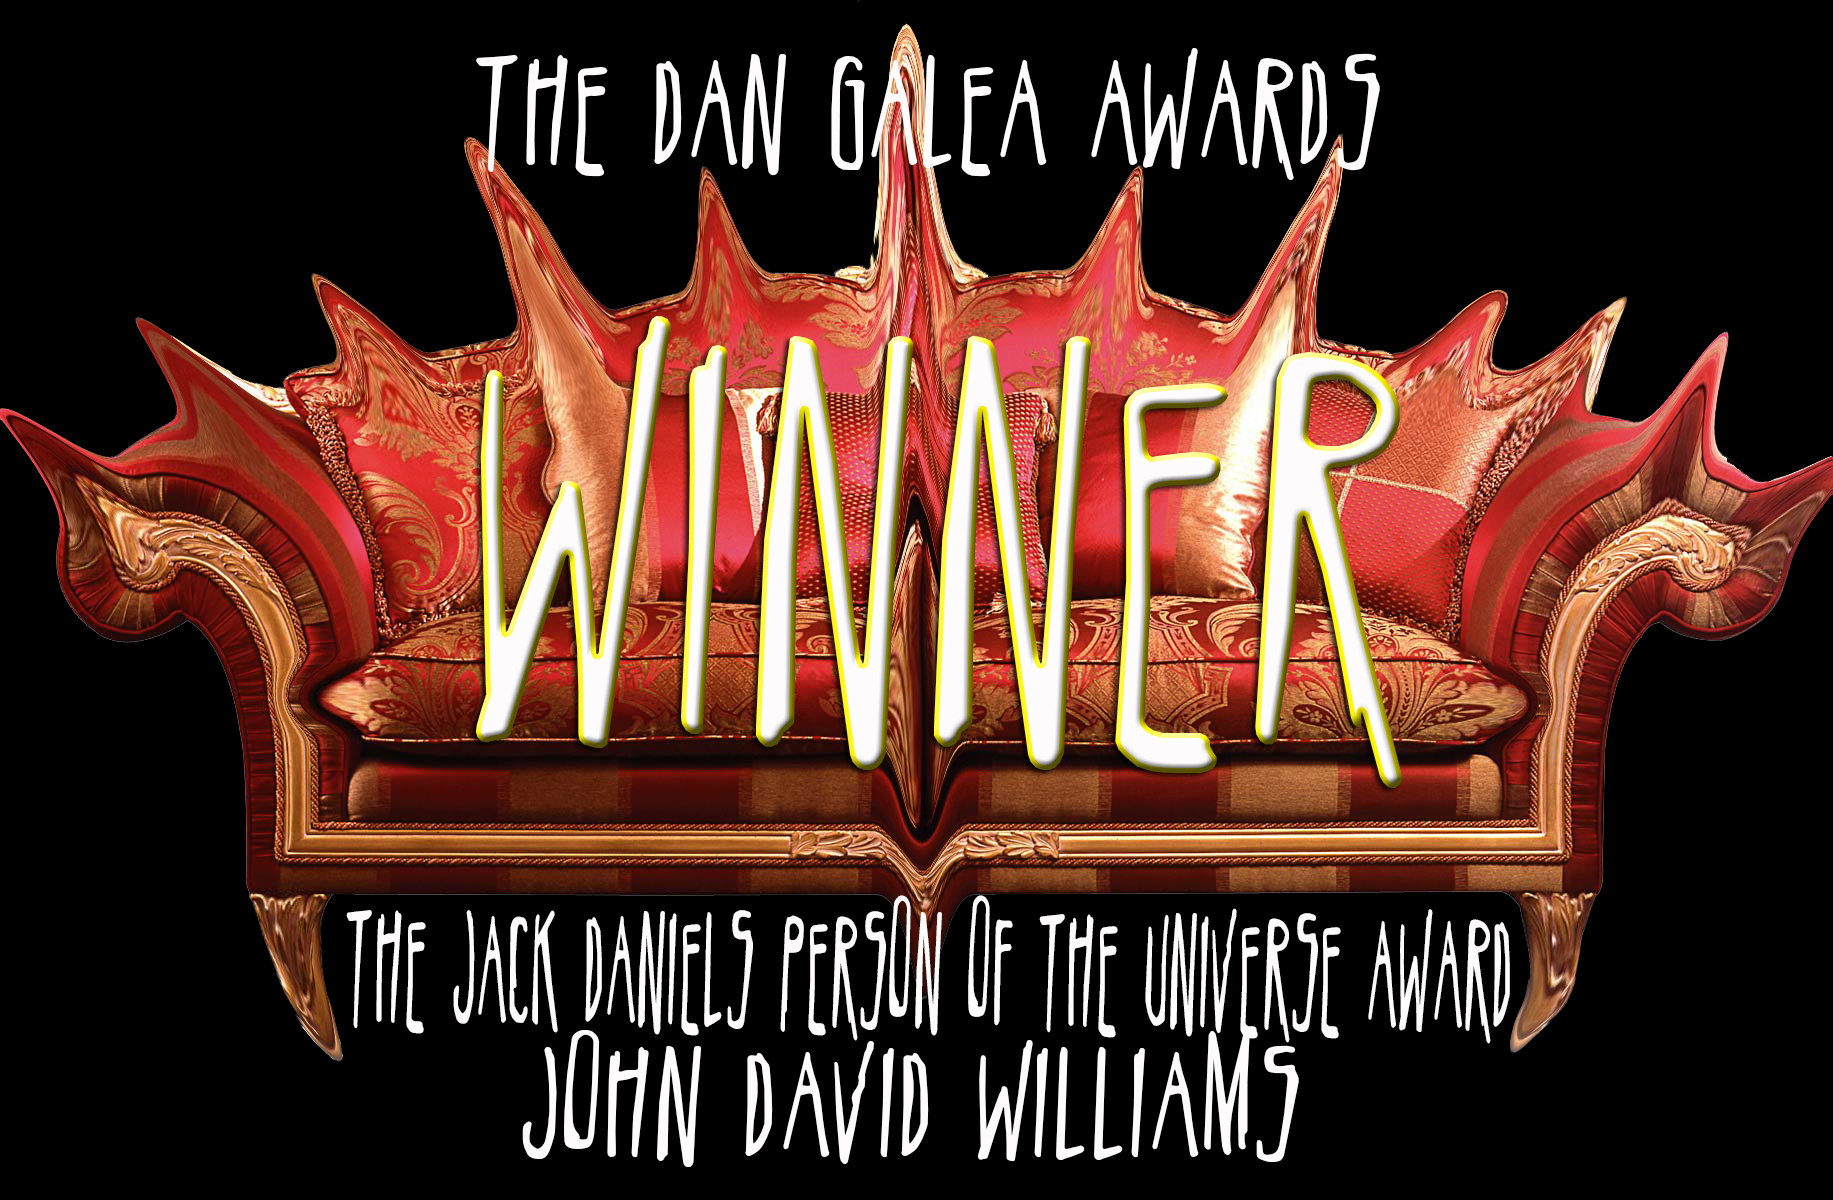 DGawards john david WIlliams.jpg